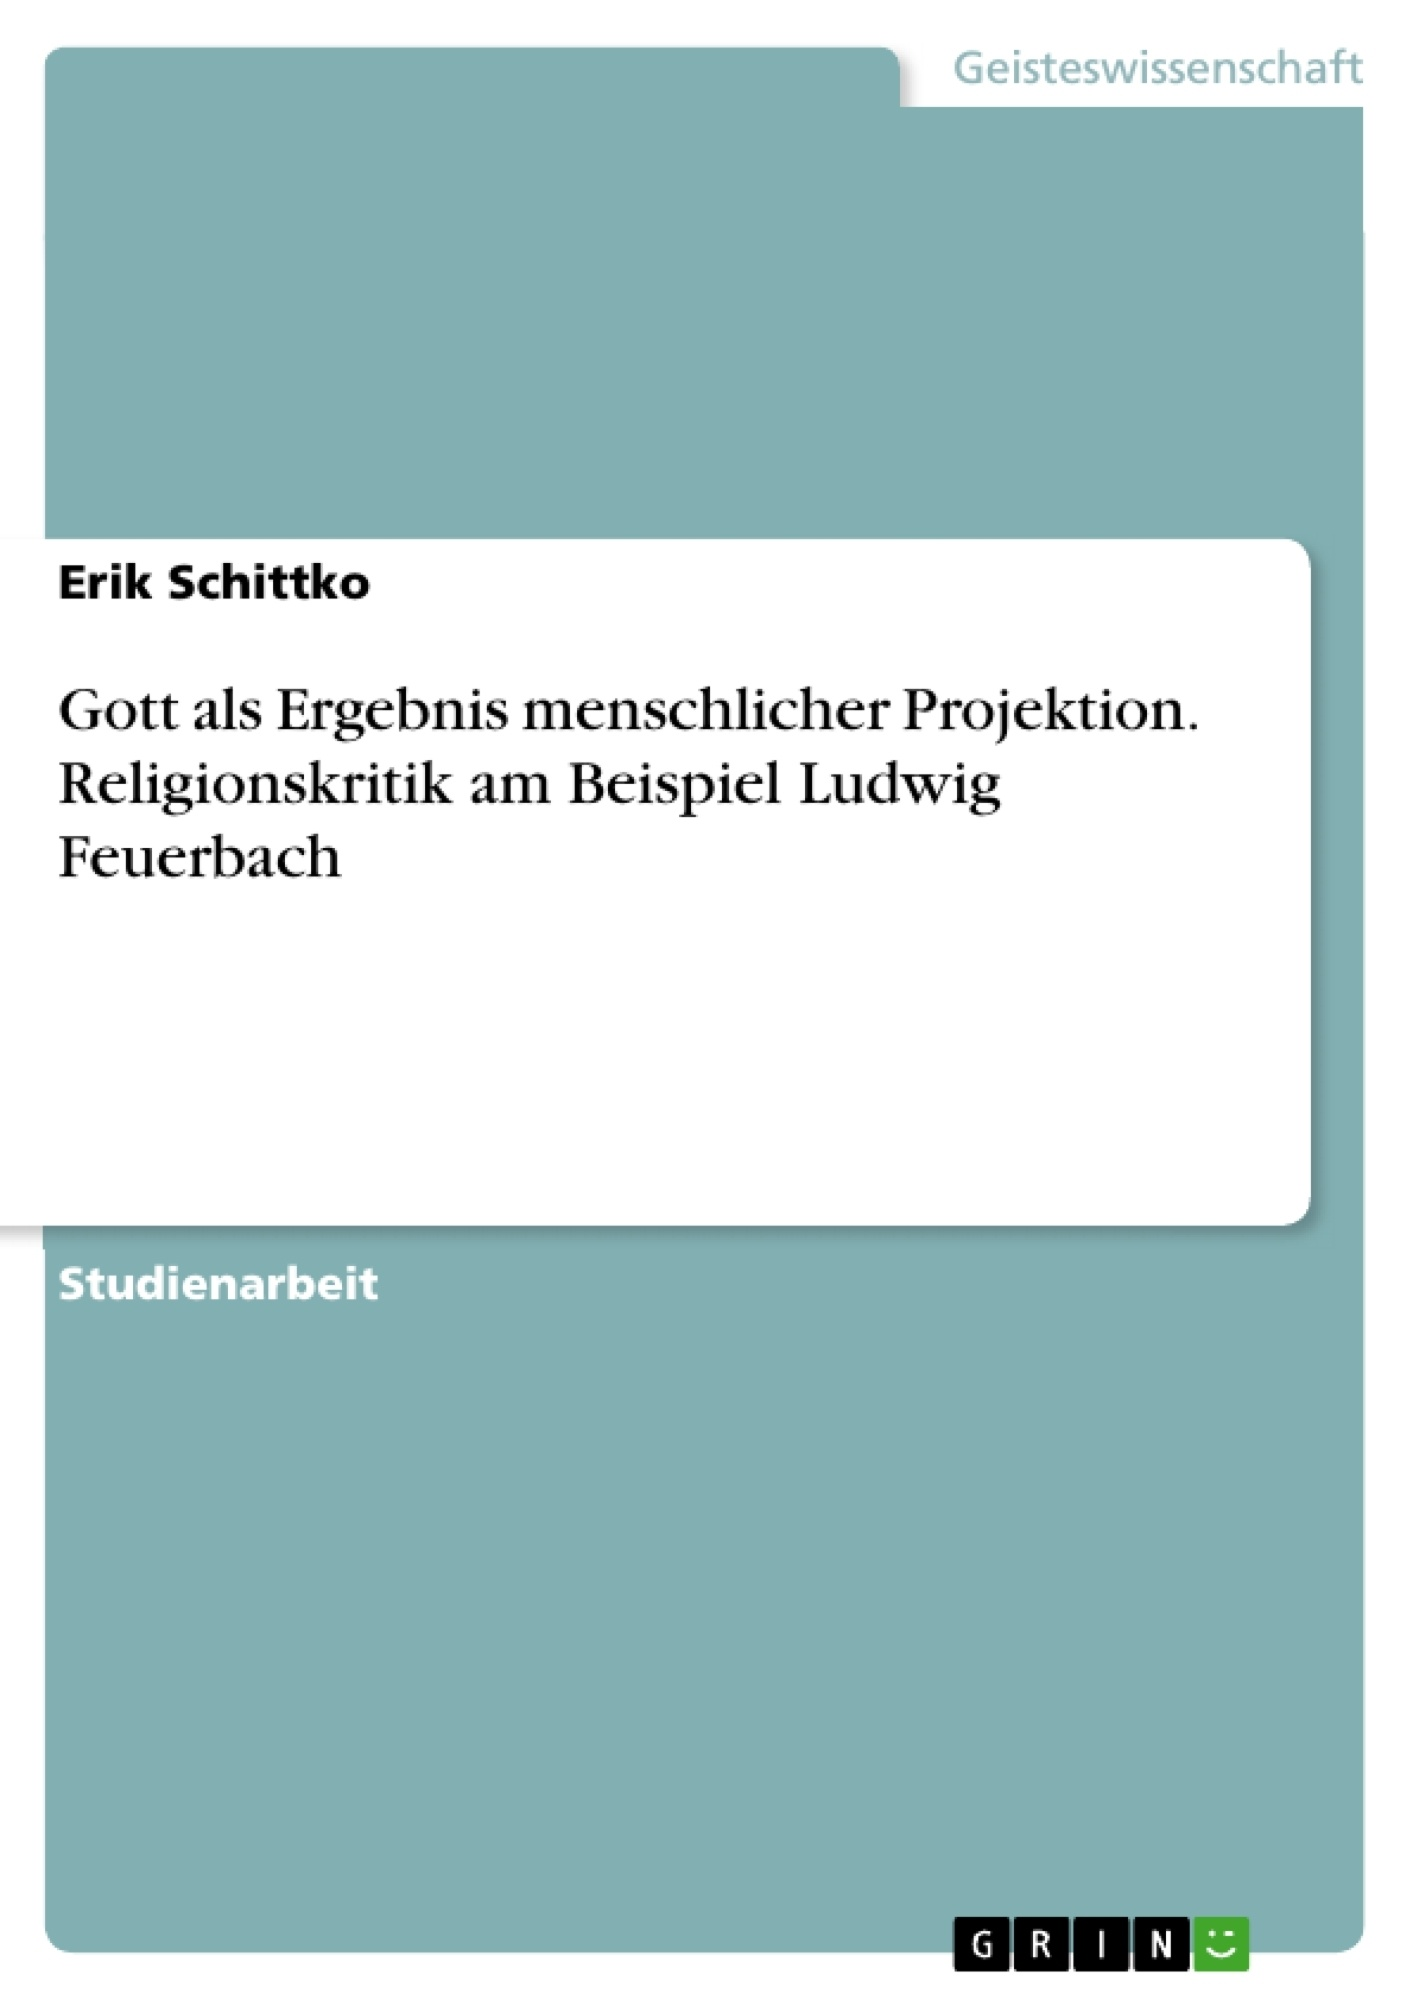 Titel: Gott als Ergebnis menschlicher Projektion. Religionskritik am Beispiel Ludwig Feuerbach